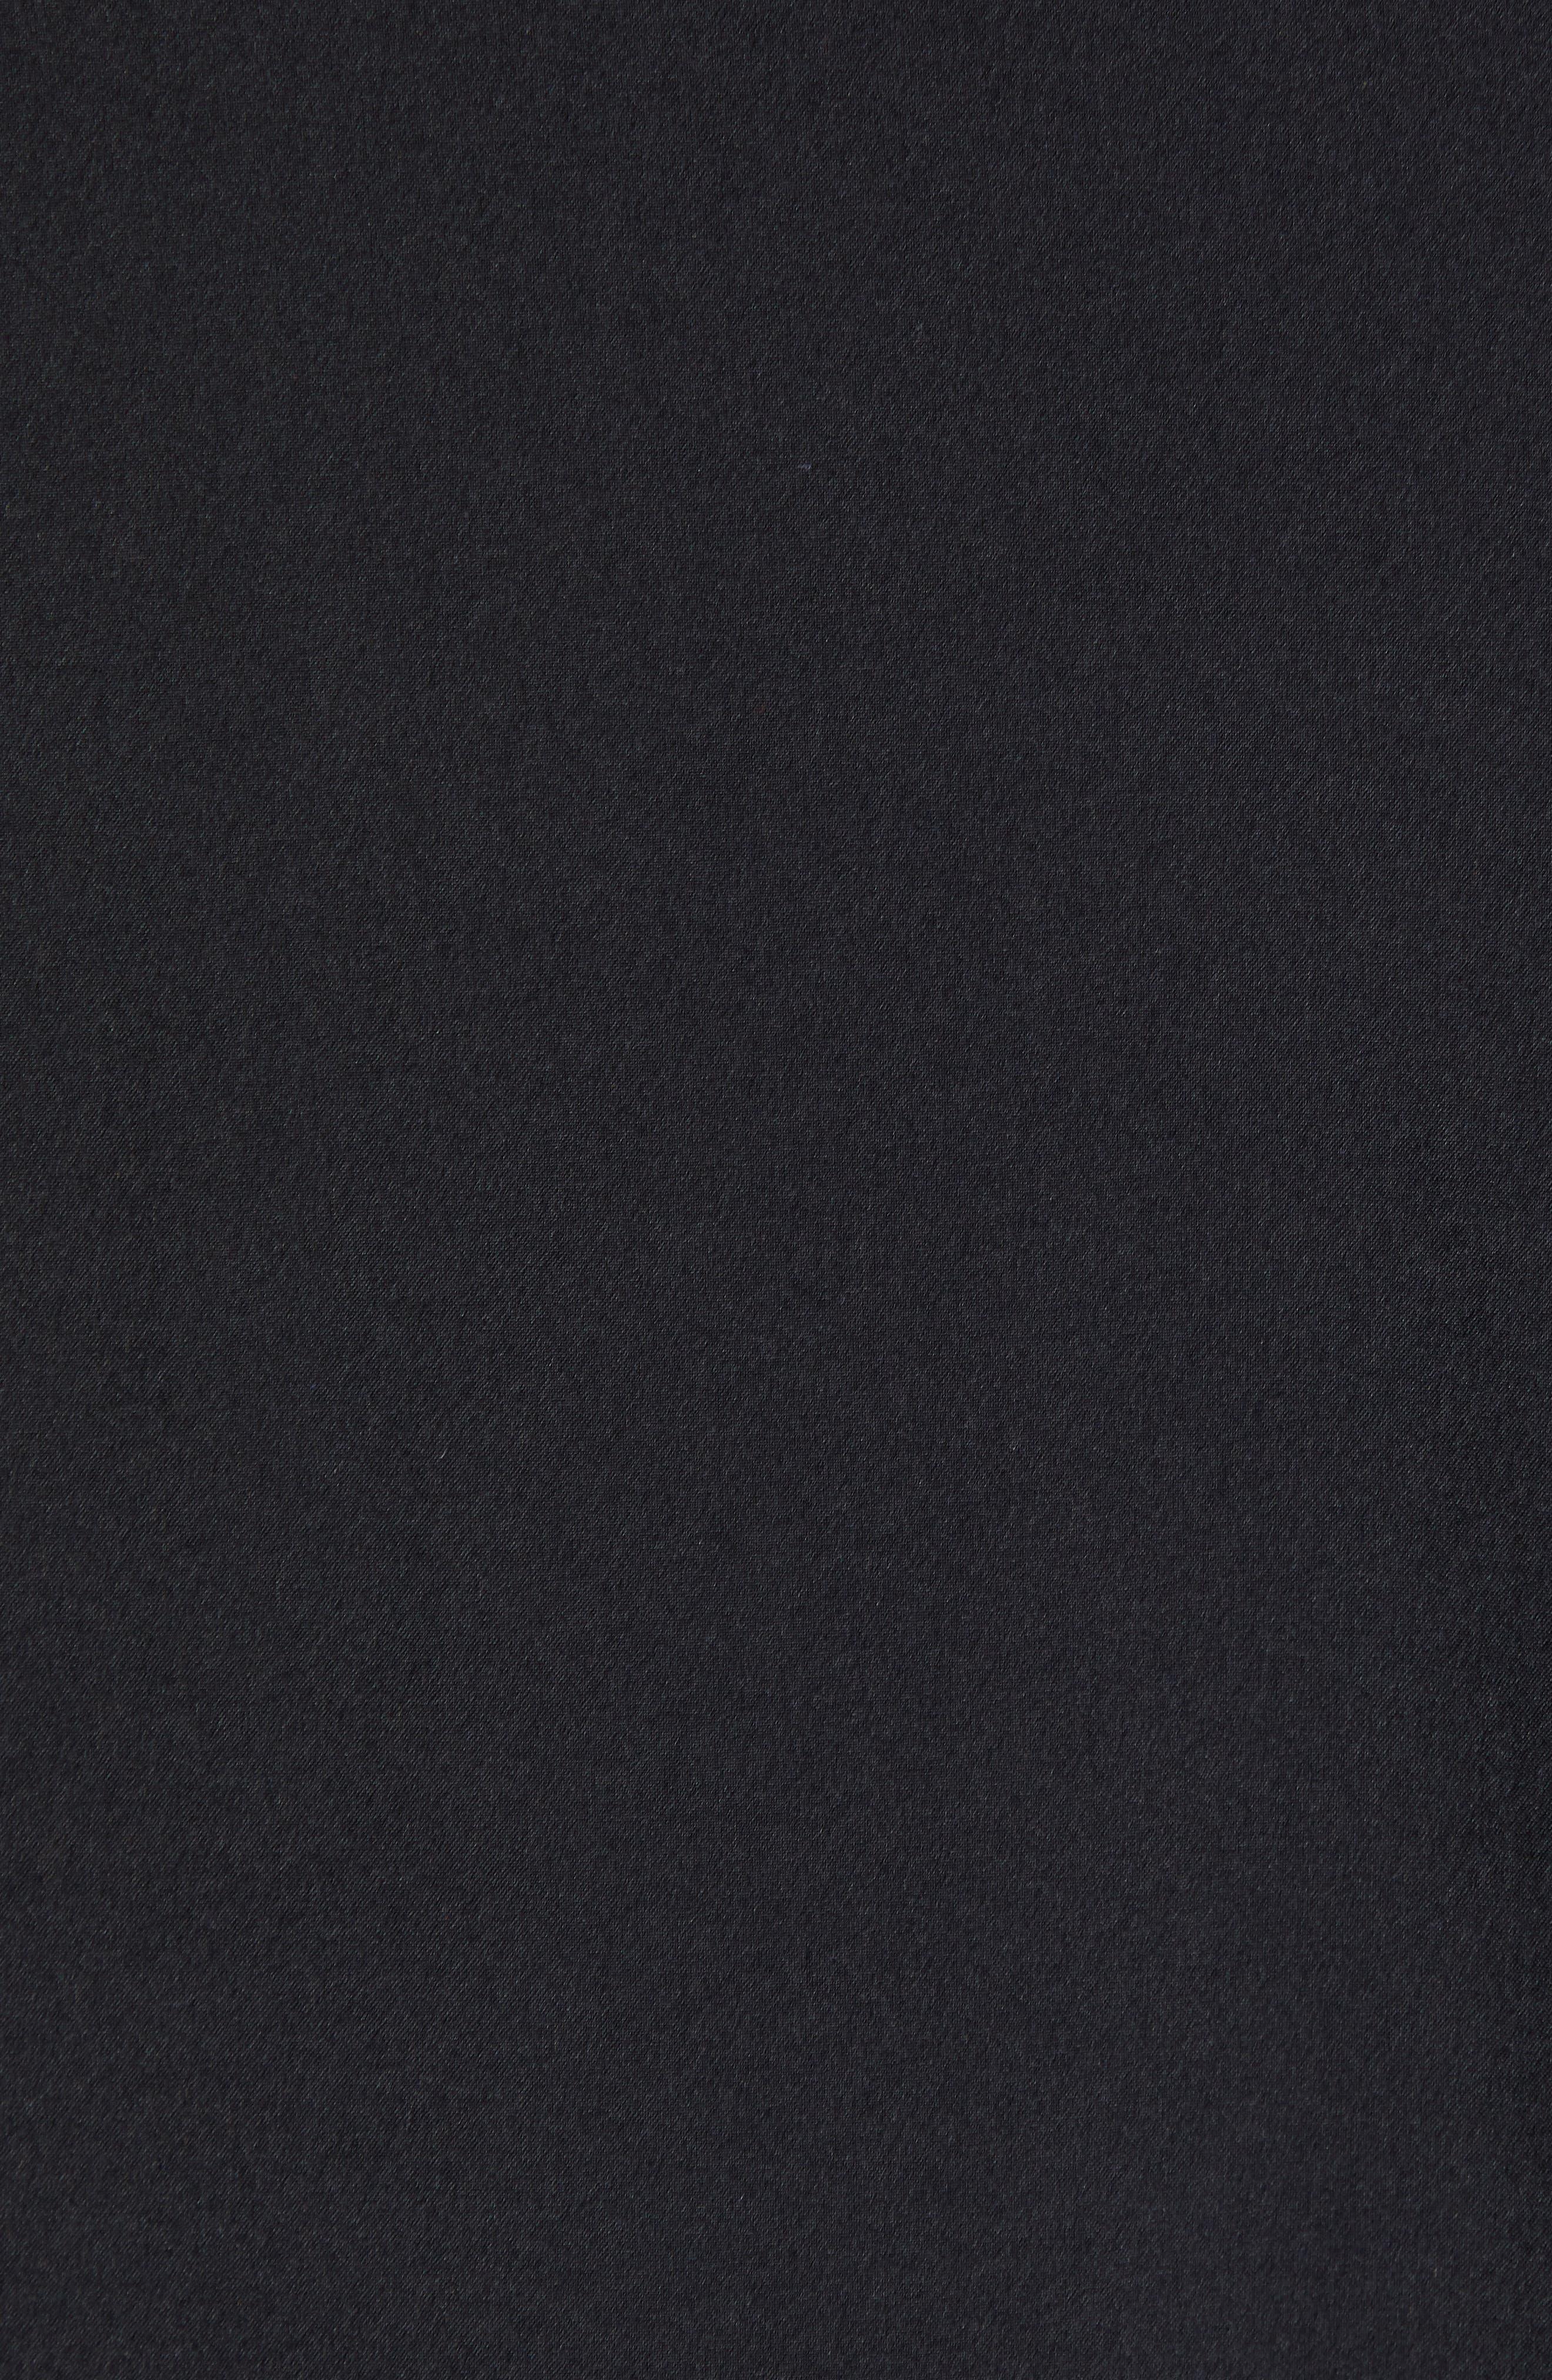 Response Hybrid Overknit Quarter Zip Pullover,                             Alternate thumbnail 7, color,                             BLACK